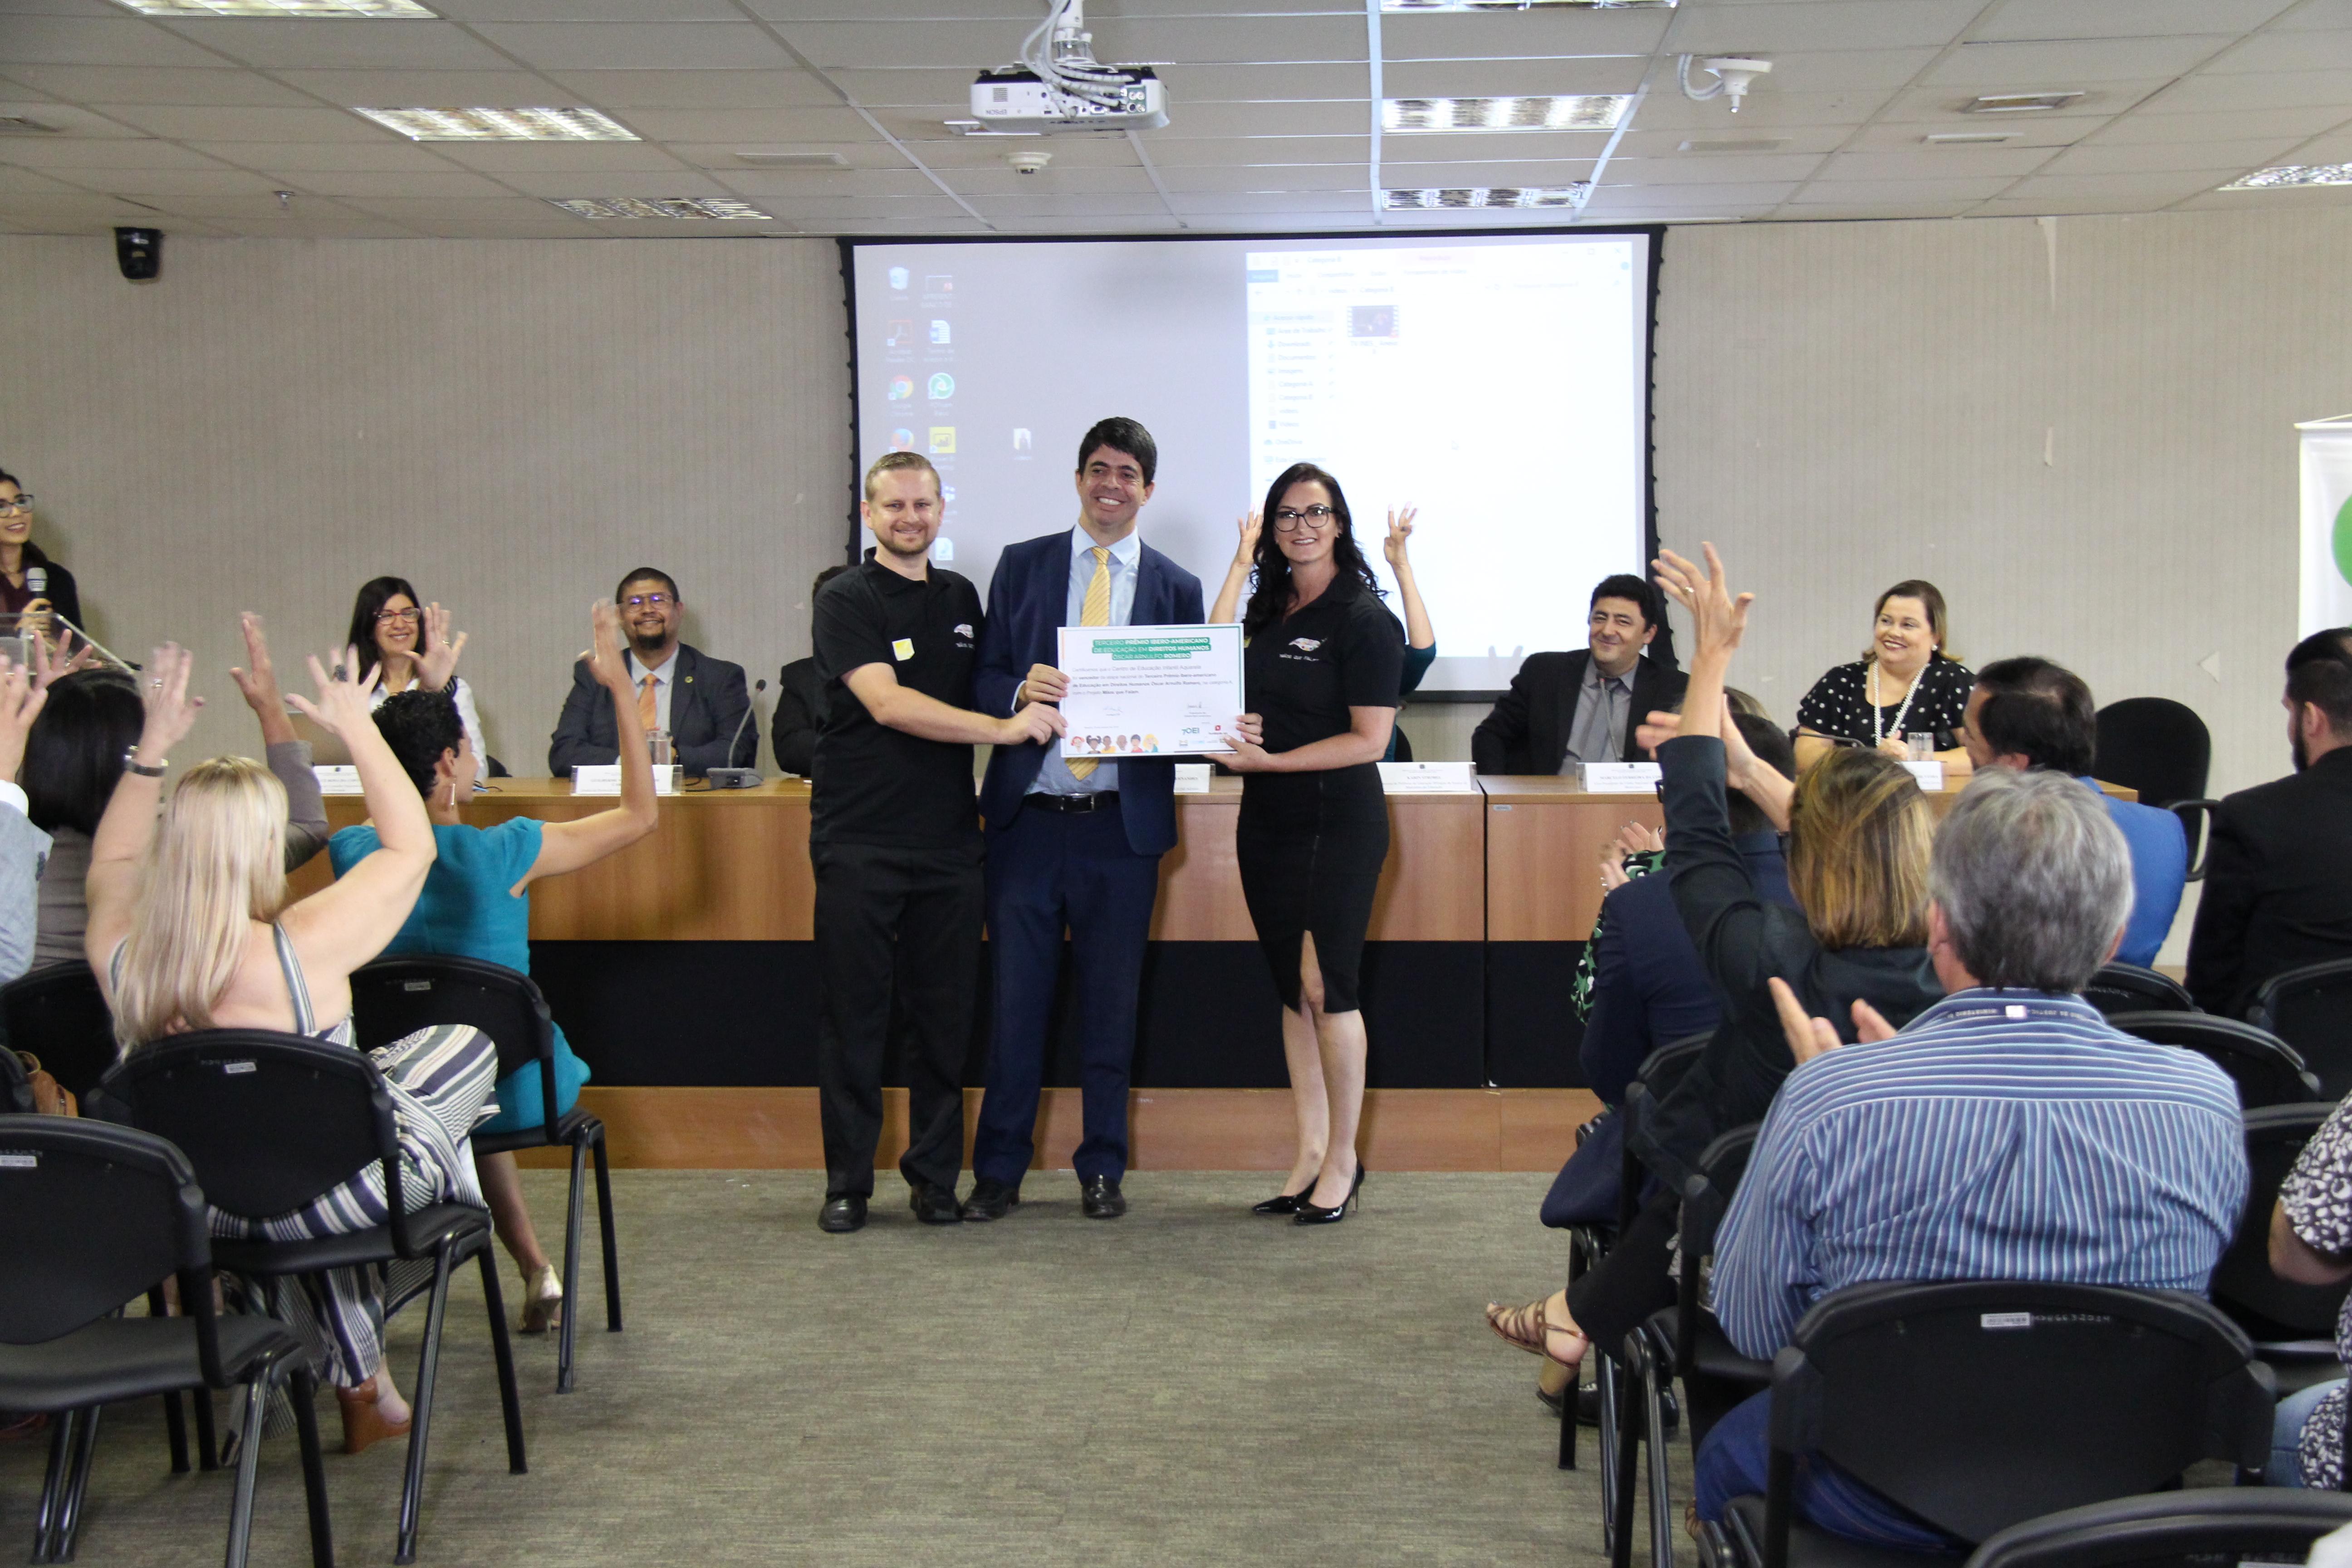 Prêmio de Educação em Direitos Humanos anuncia vencedores da etapa nacional